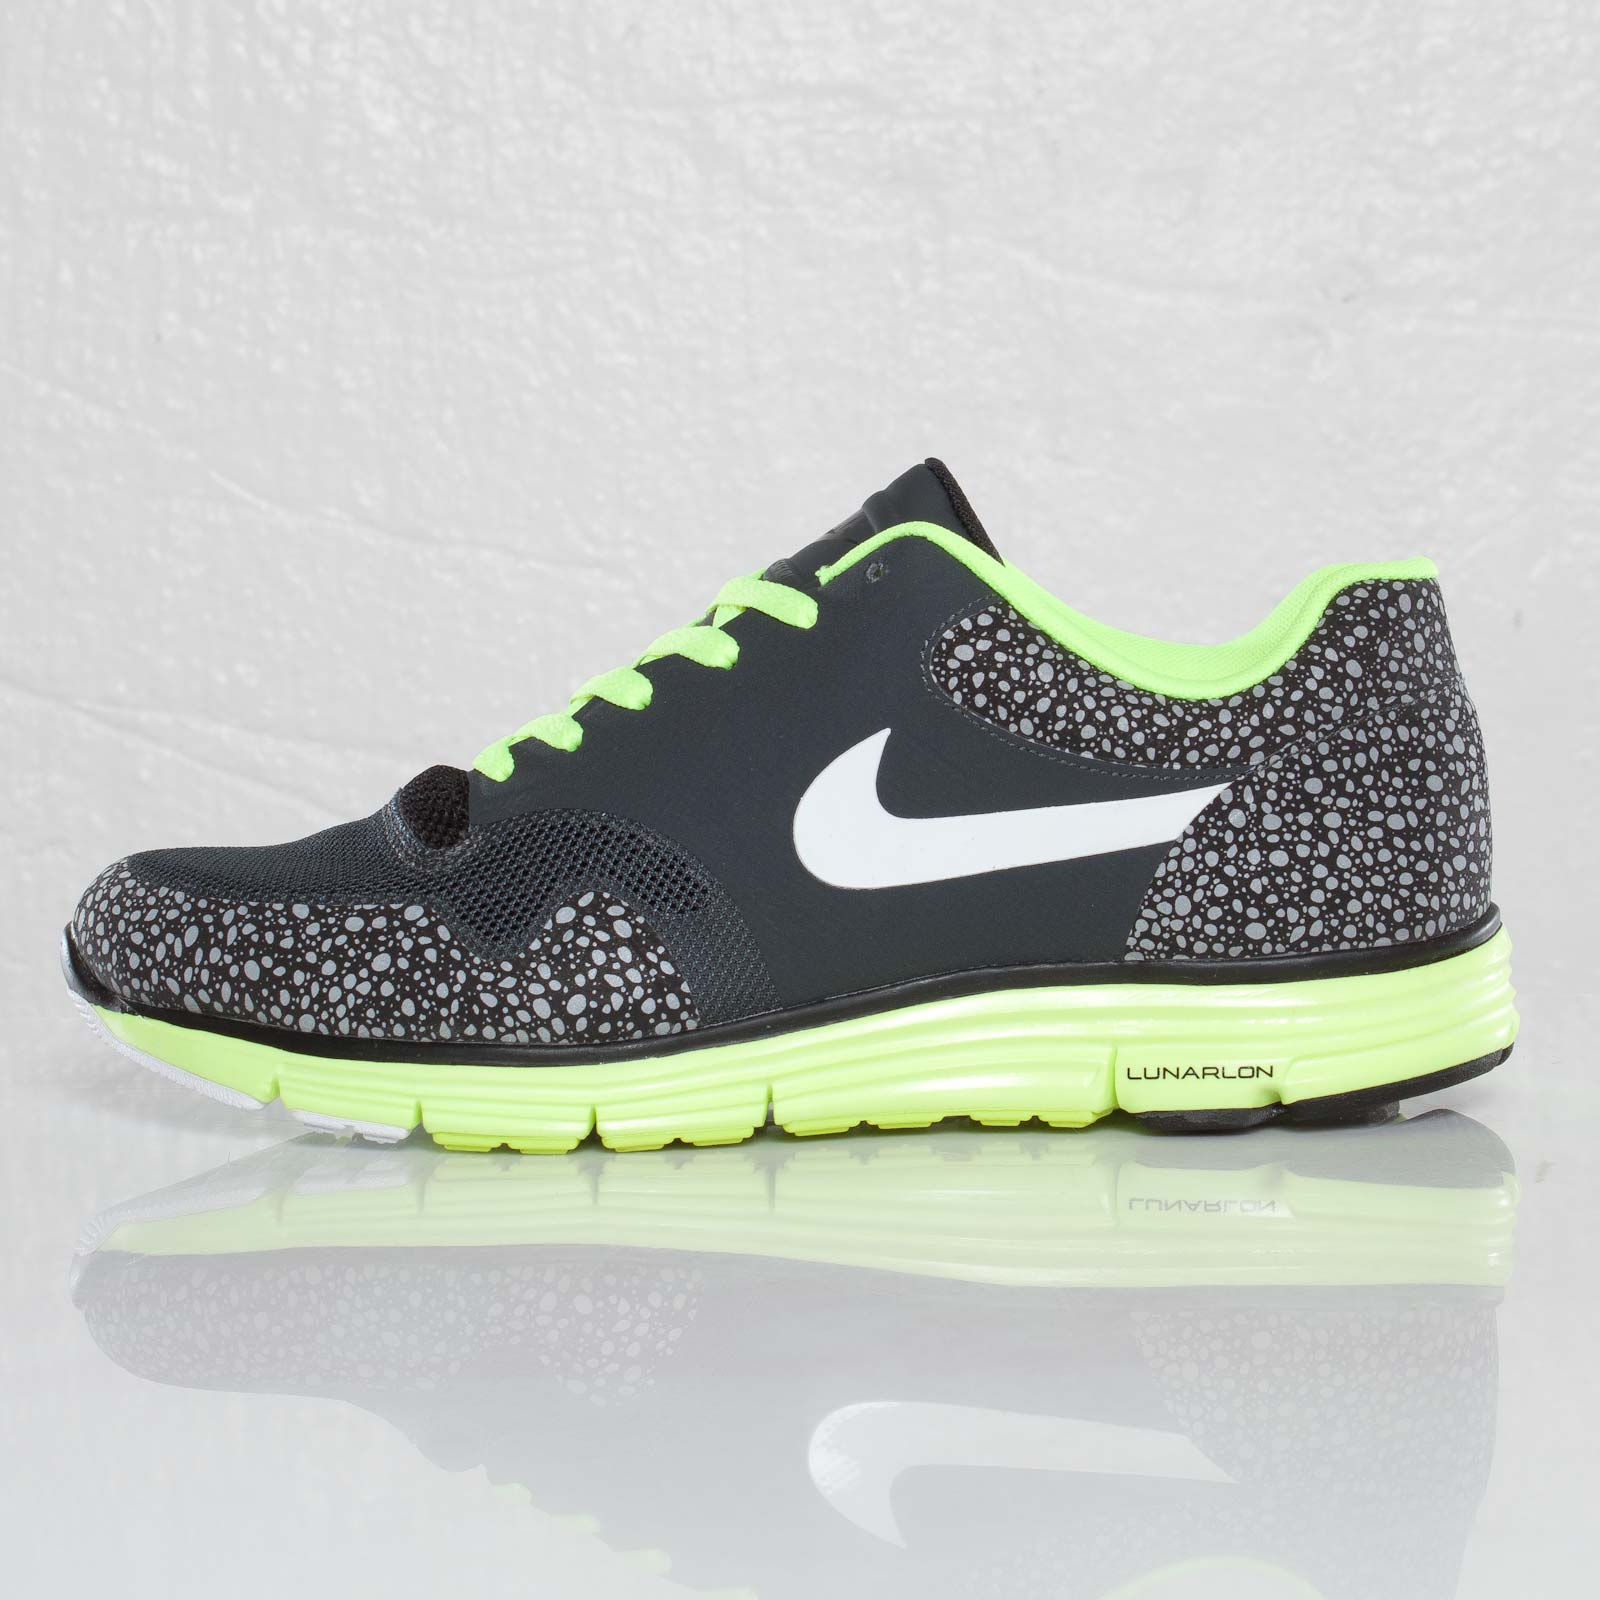 Nike Lunar Safari Fuse + - 110640 - Sneakersnstuff  51fcf7a128c2